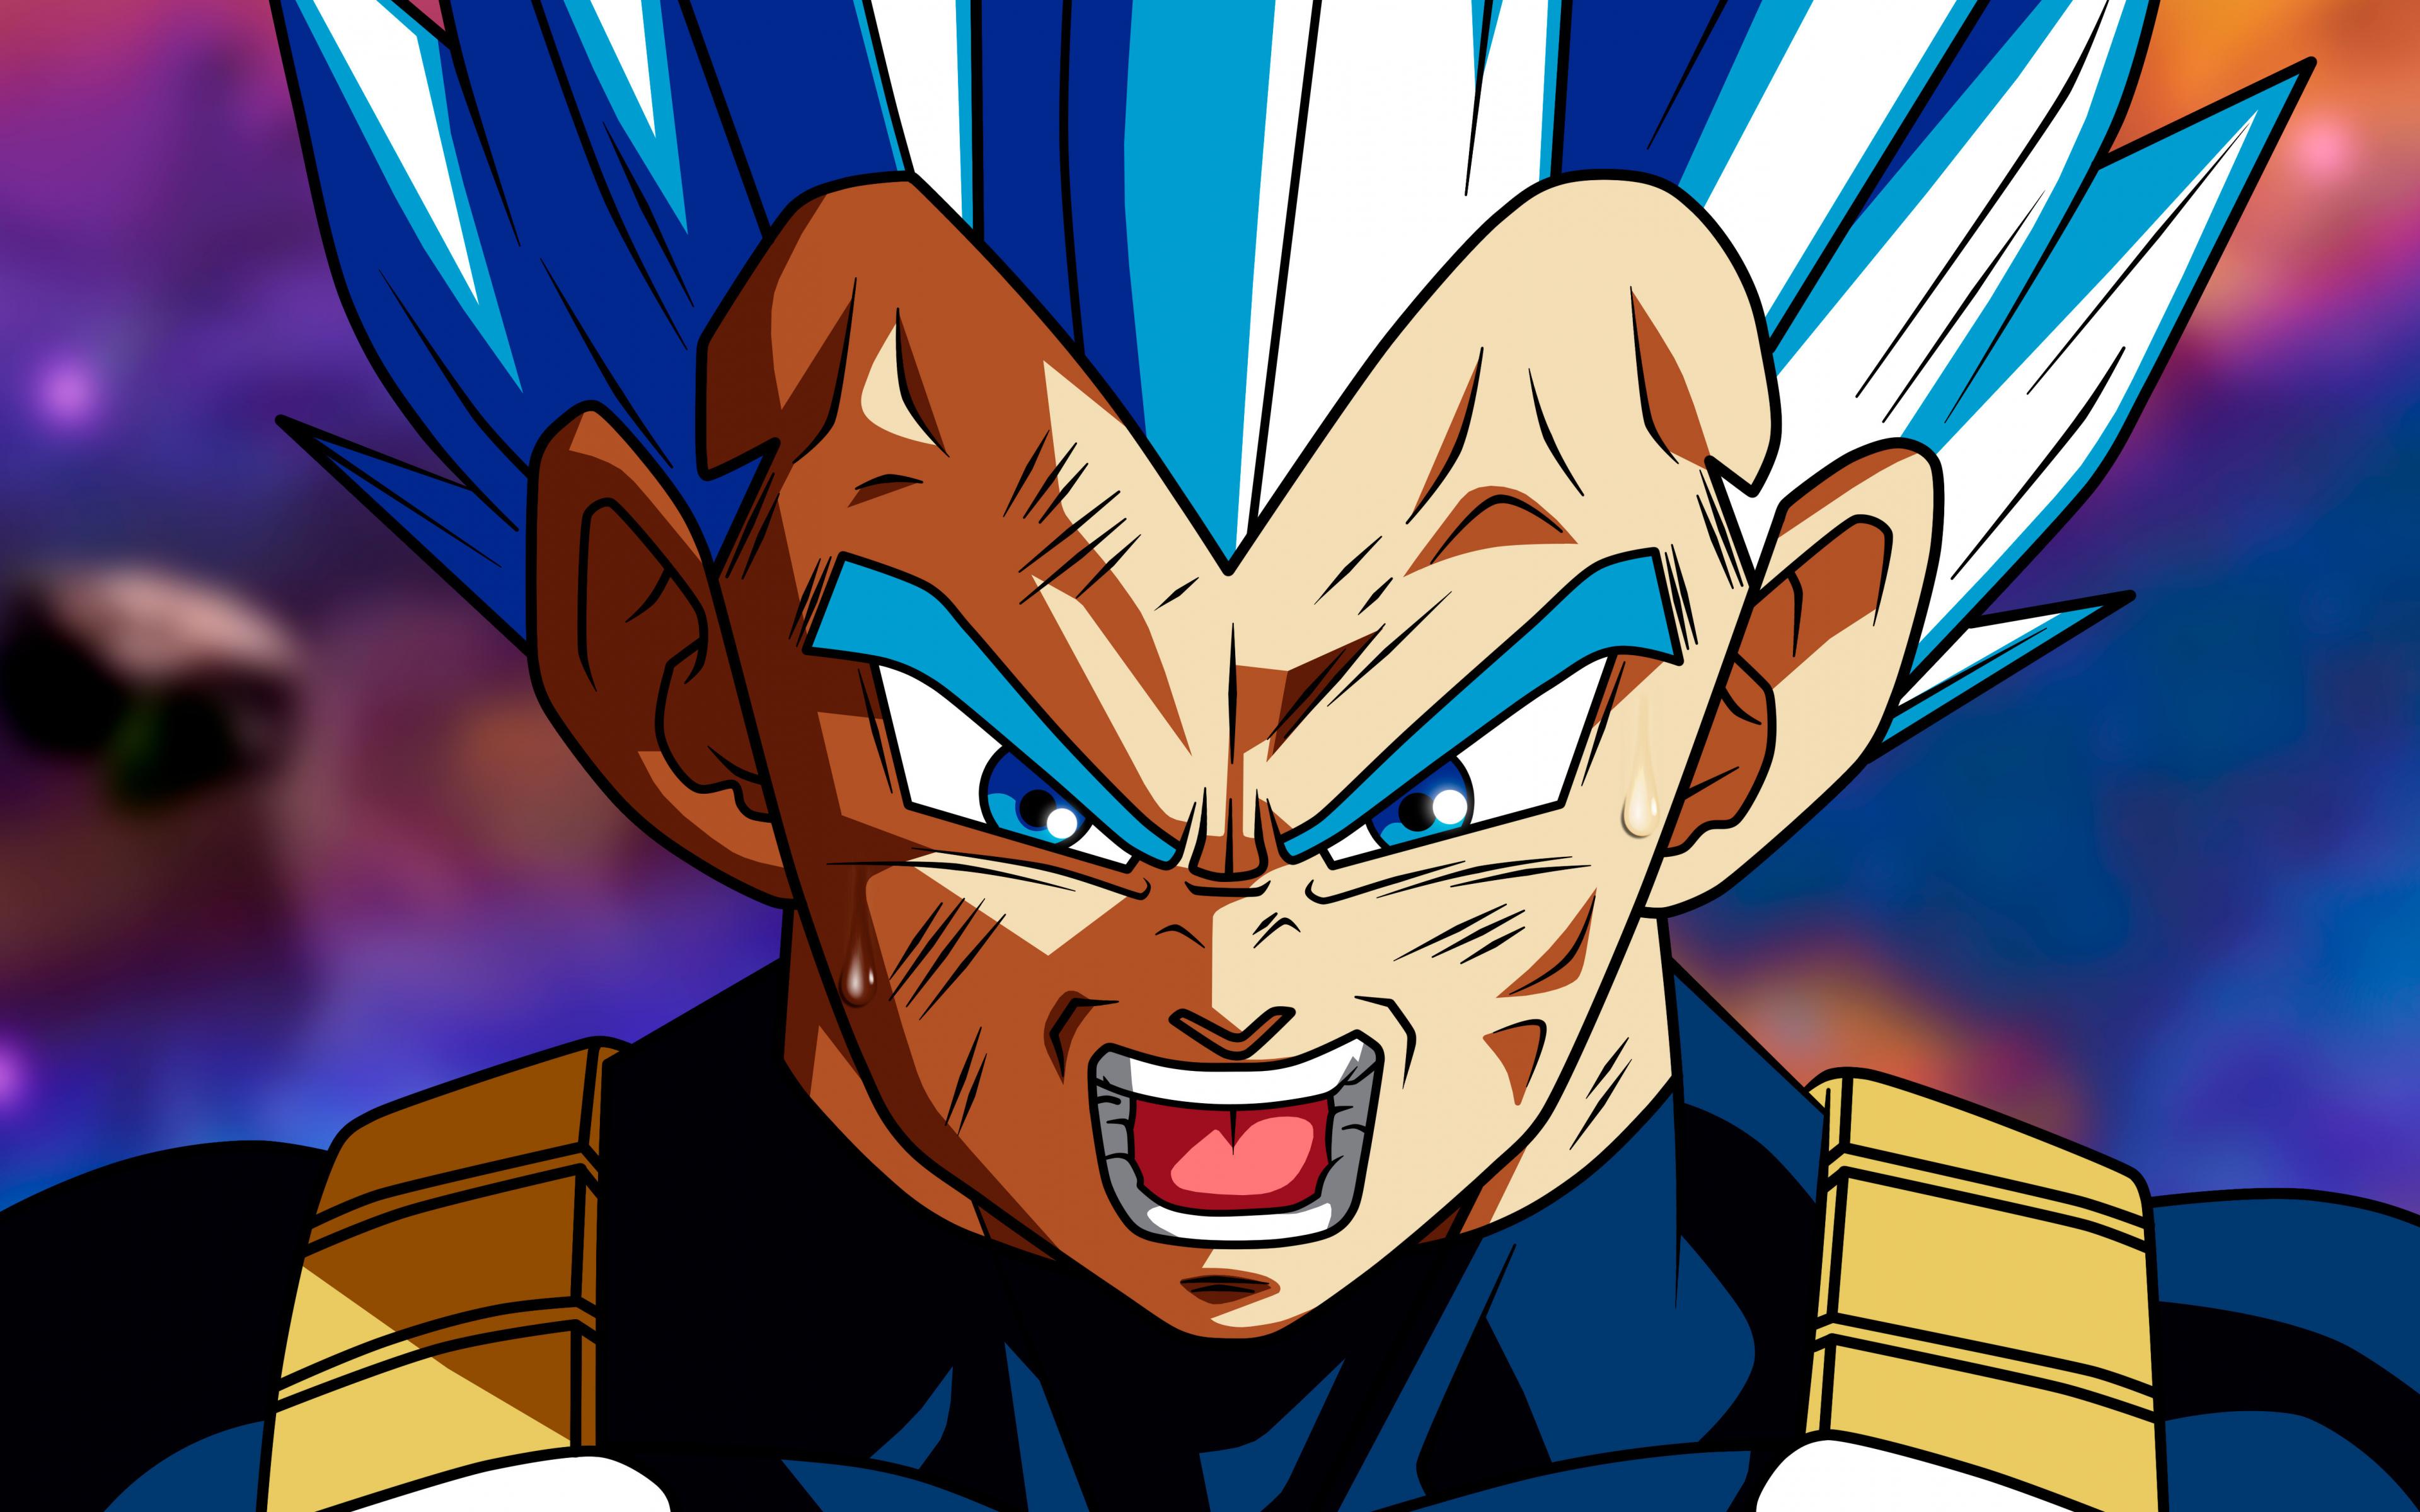 Download 3840x2400 wallpaper anime boy dragon ball super - Vegeta wallpaper 4k for pc ...